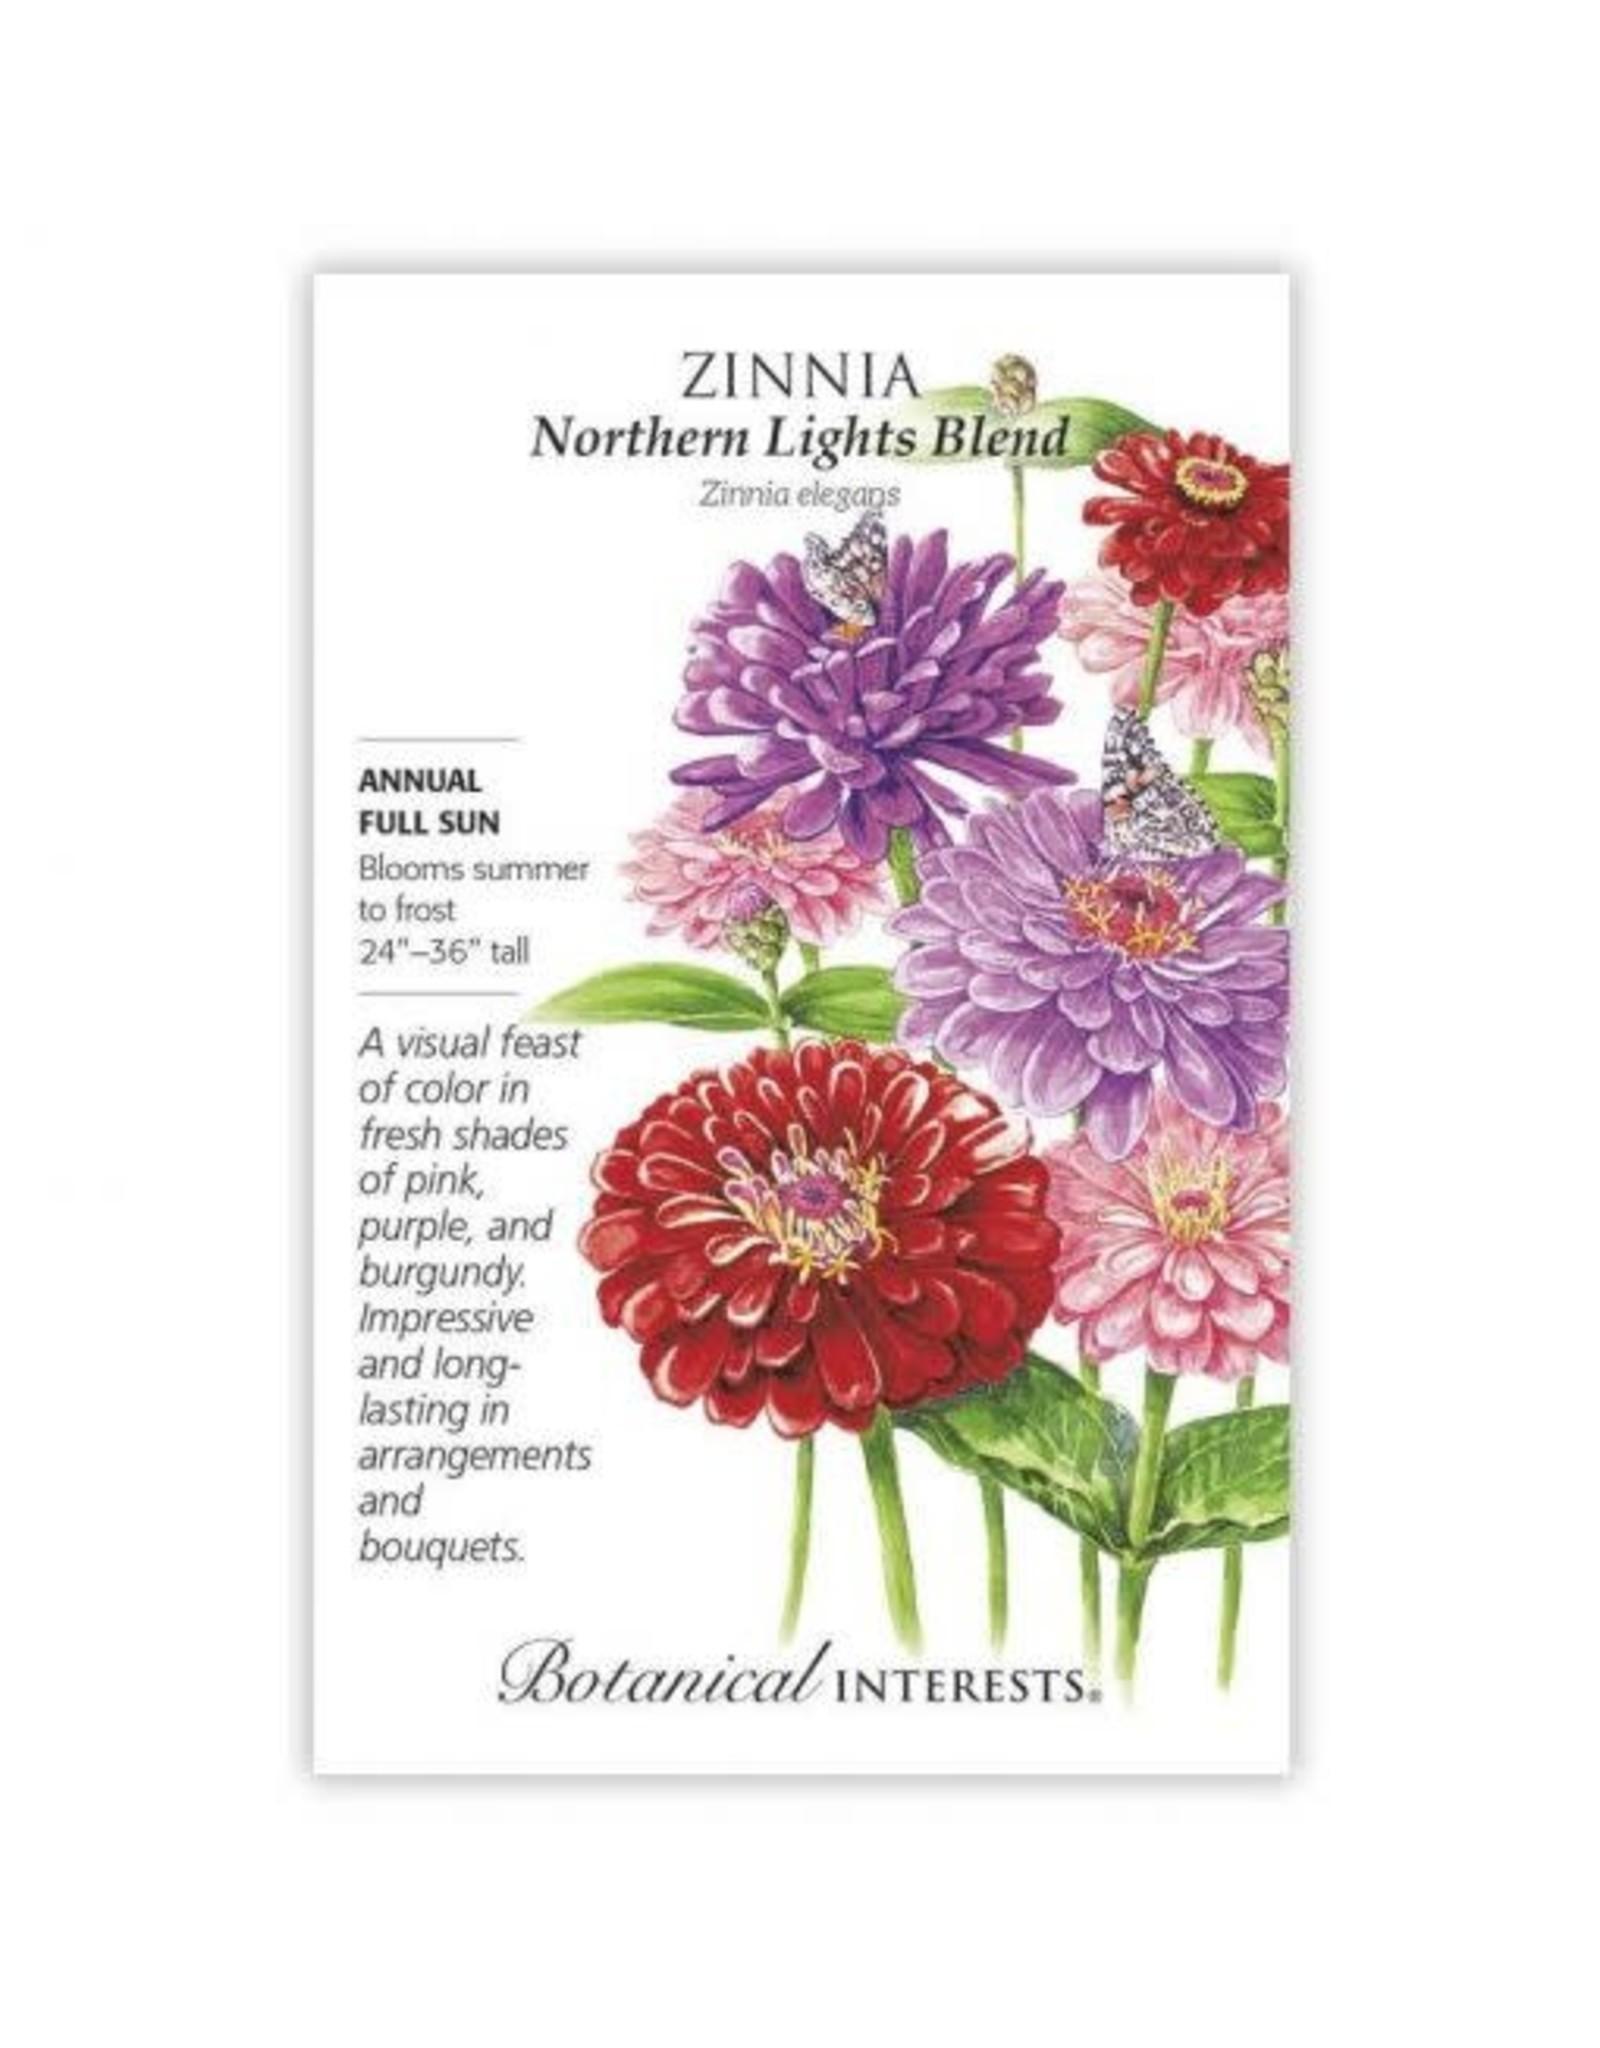 Seeds - Zinnia Northern Lights Blend